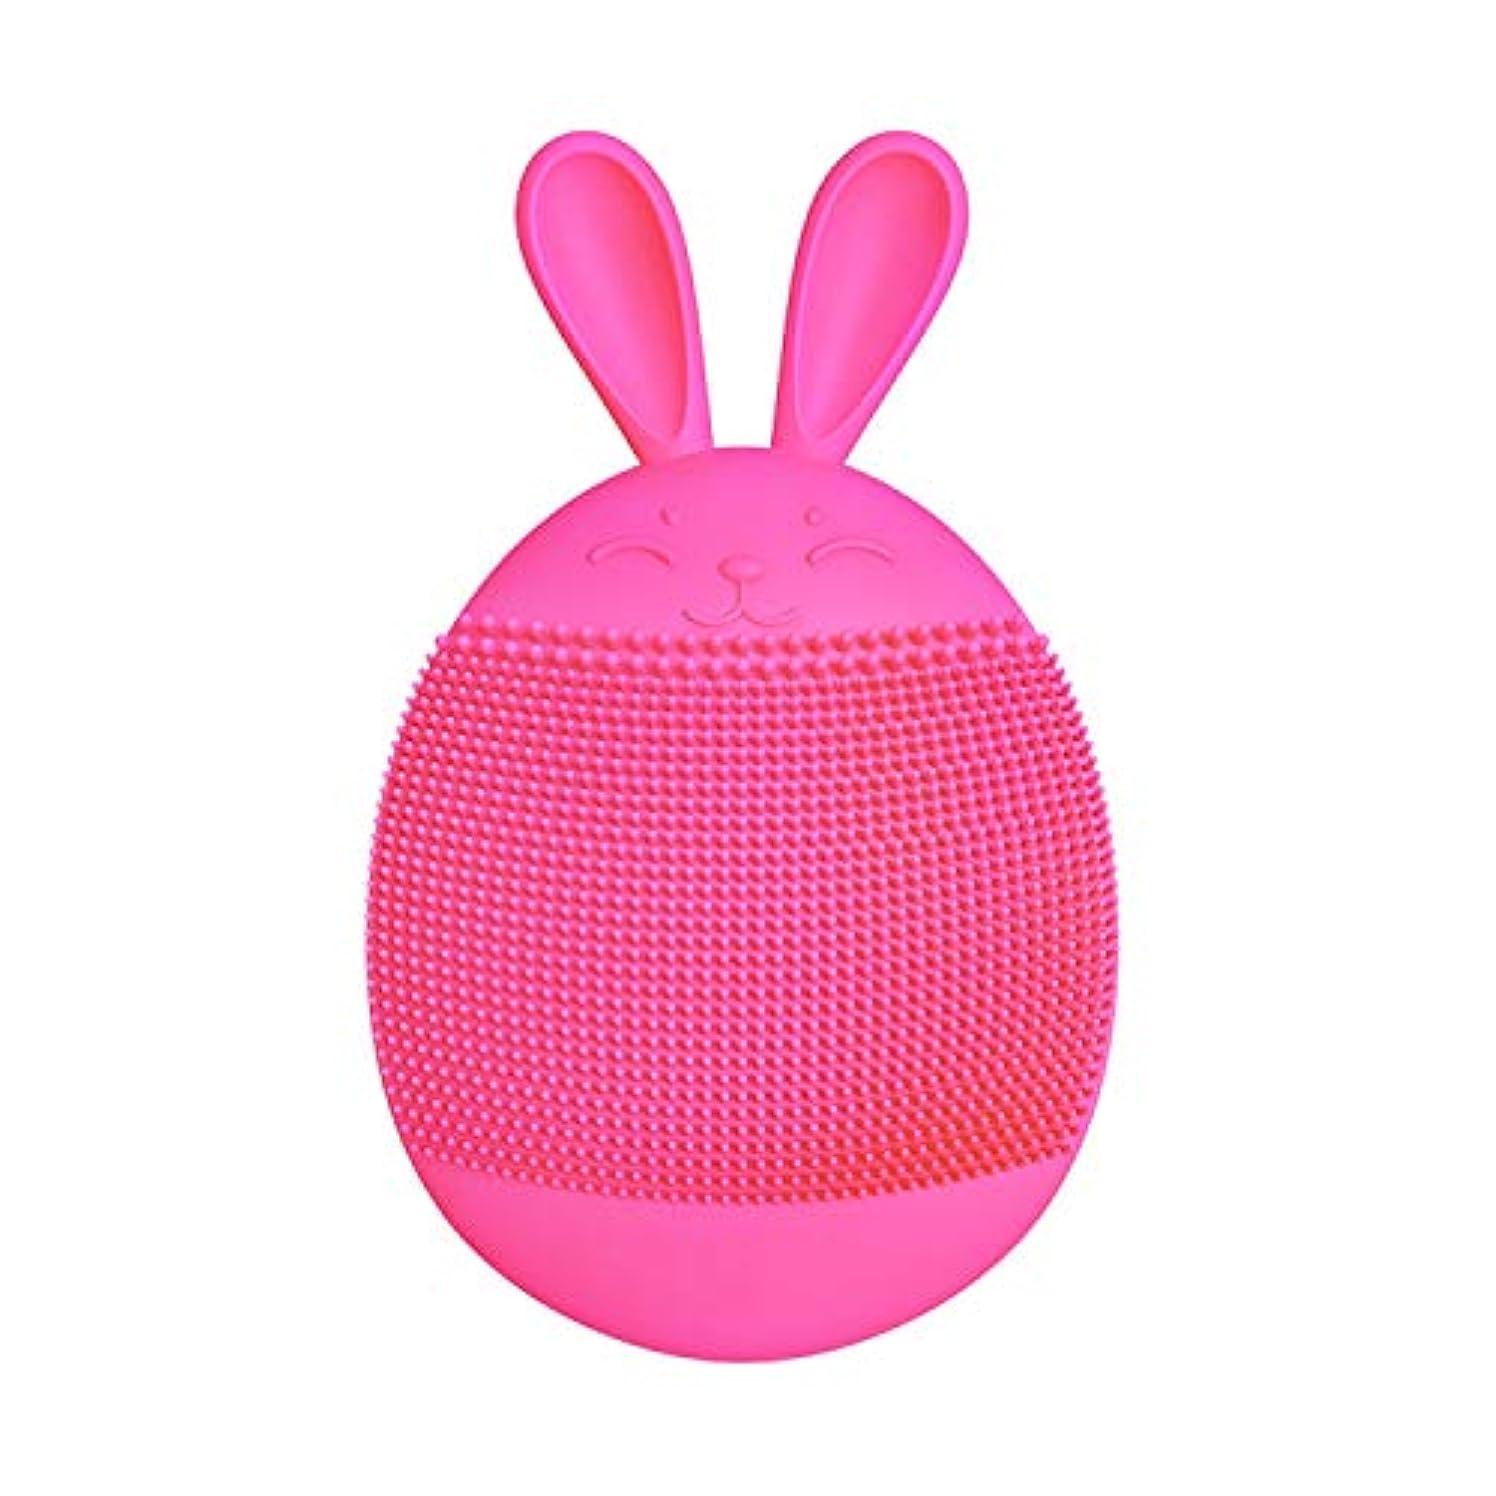 パンダ無意識あいにくクレンジングブラシ、シリコンハンドヘルド電動クレンジング楽器多機能ポータブル洗顔美容器具(ピンク),D